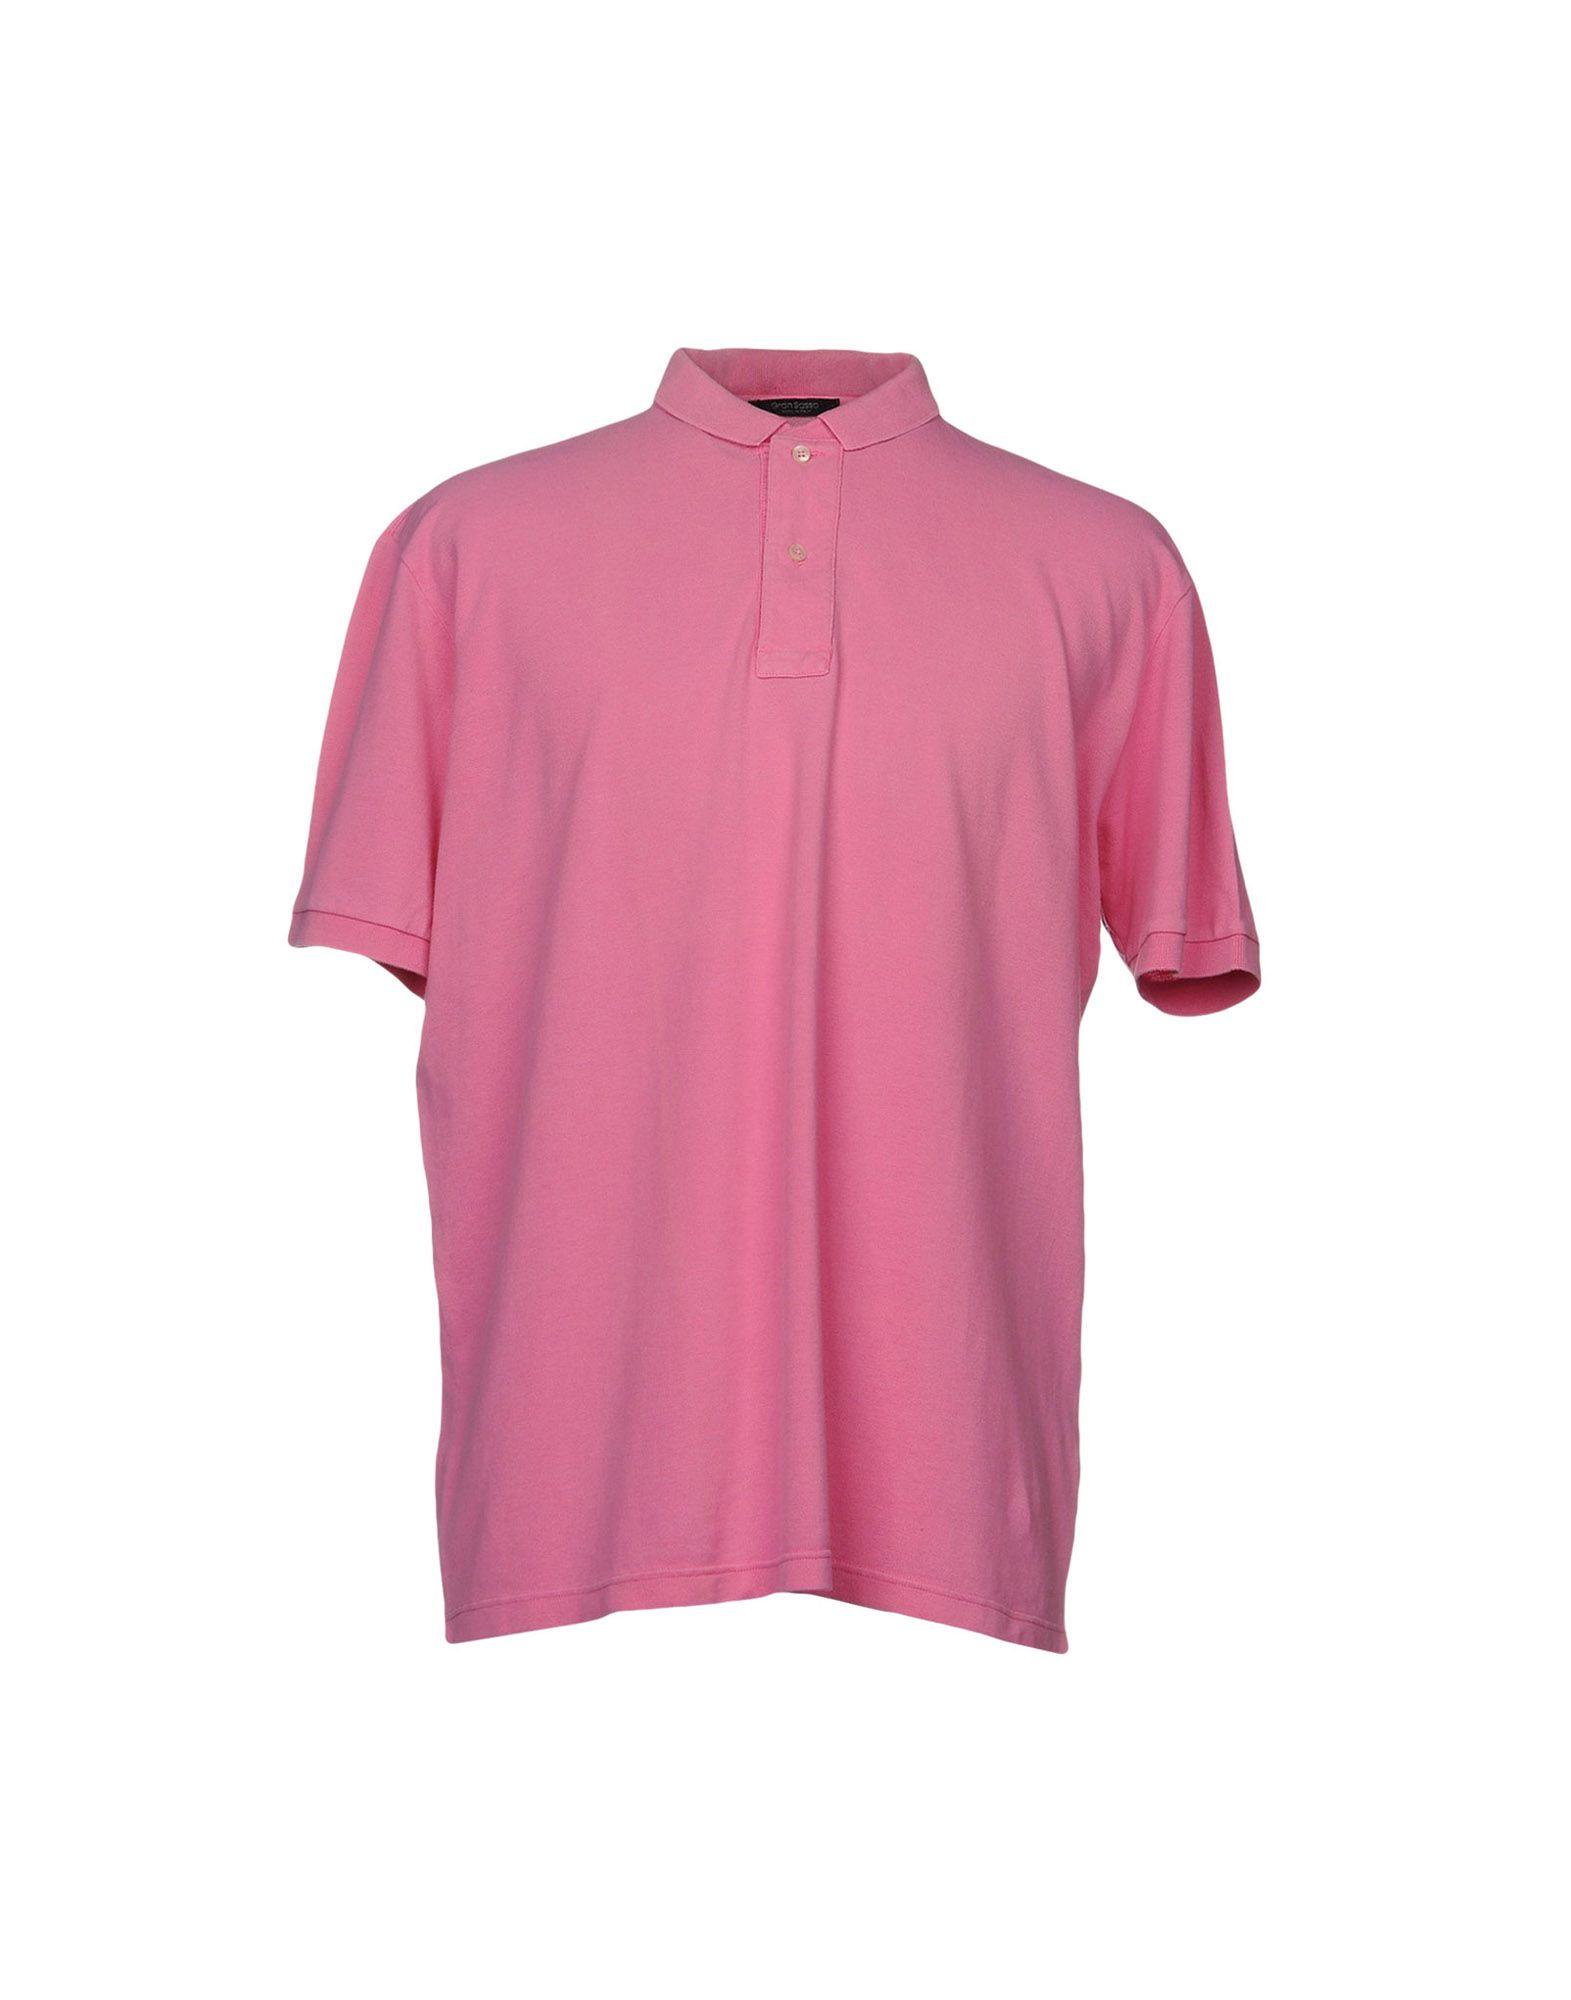 GRAN SASSO Herren Poloshirt Farbe Rosa Größe 9 jetztbilligerkaufen